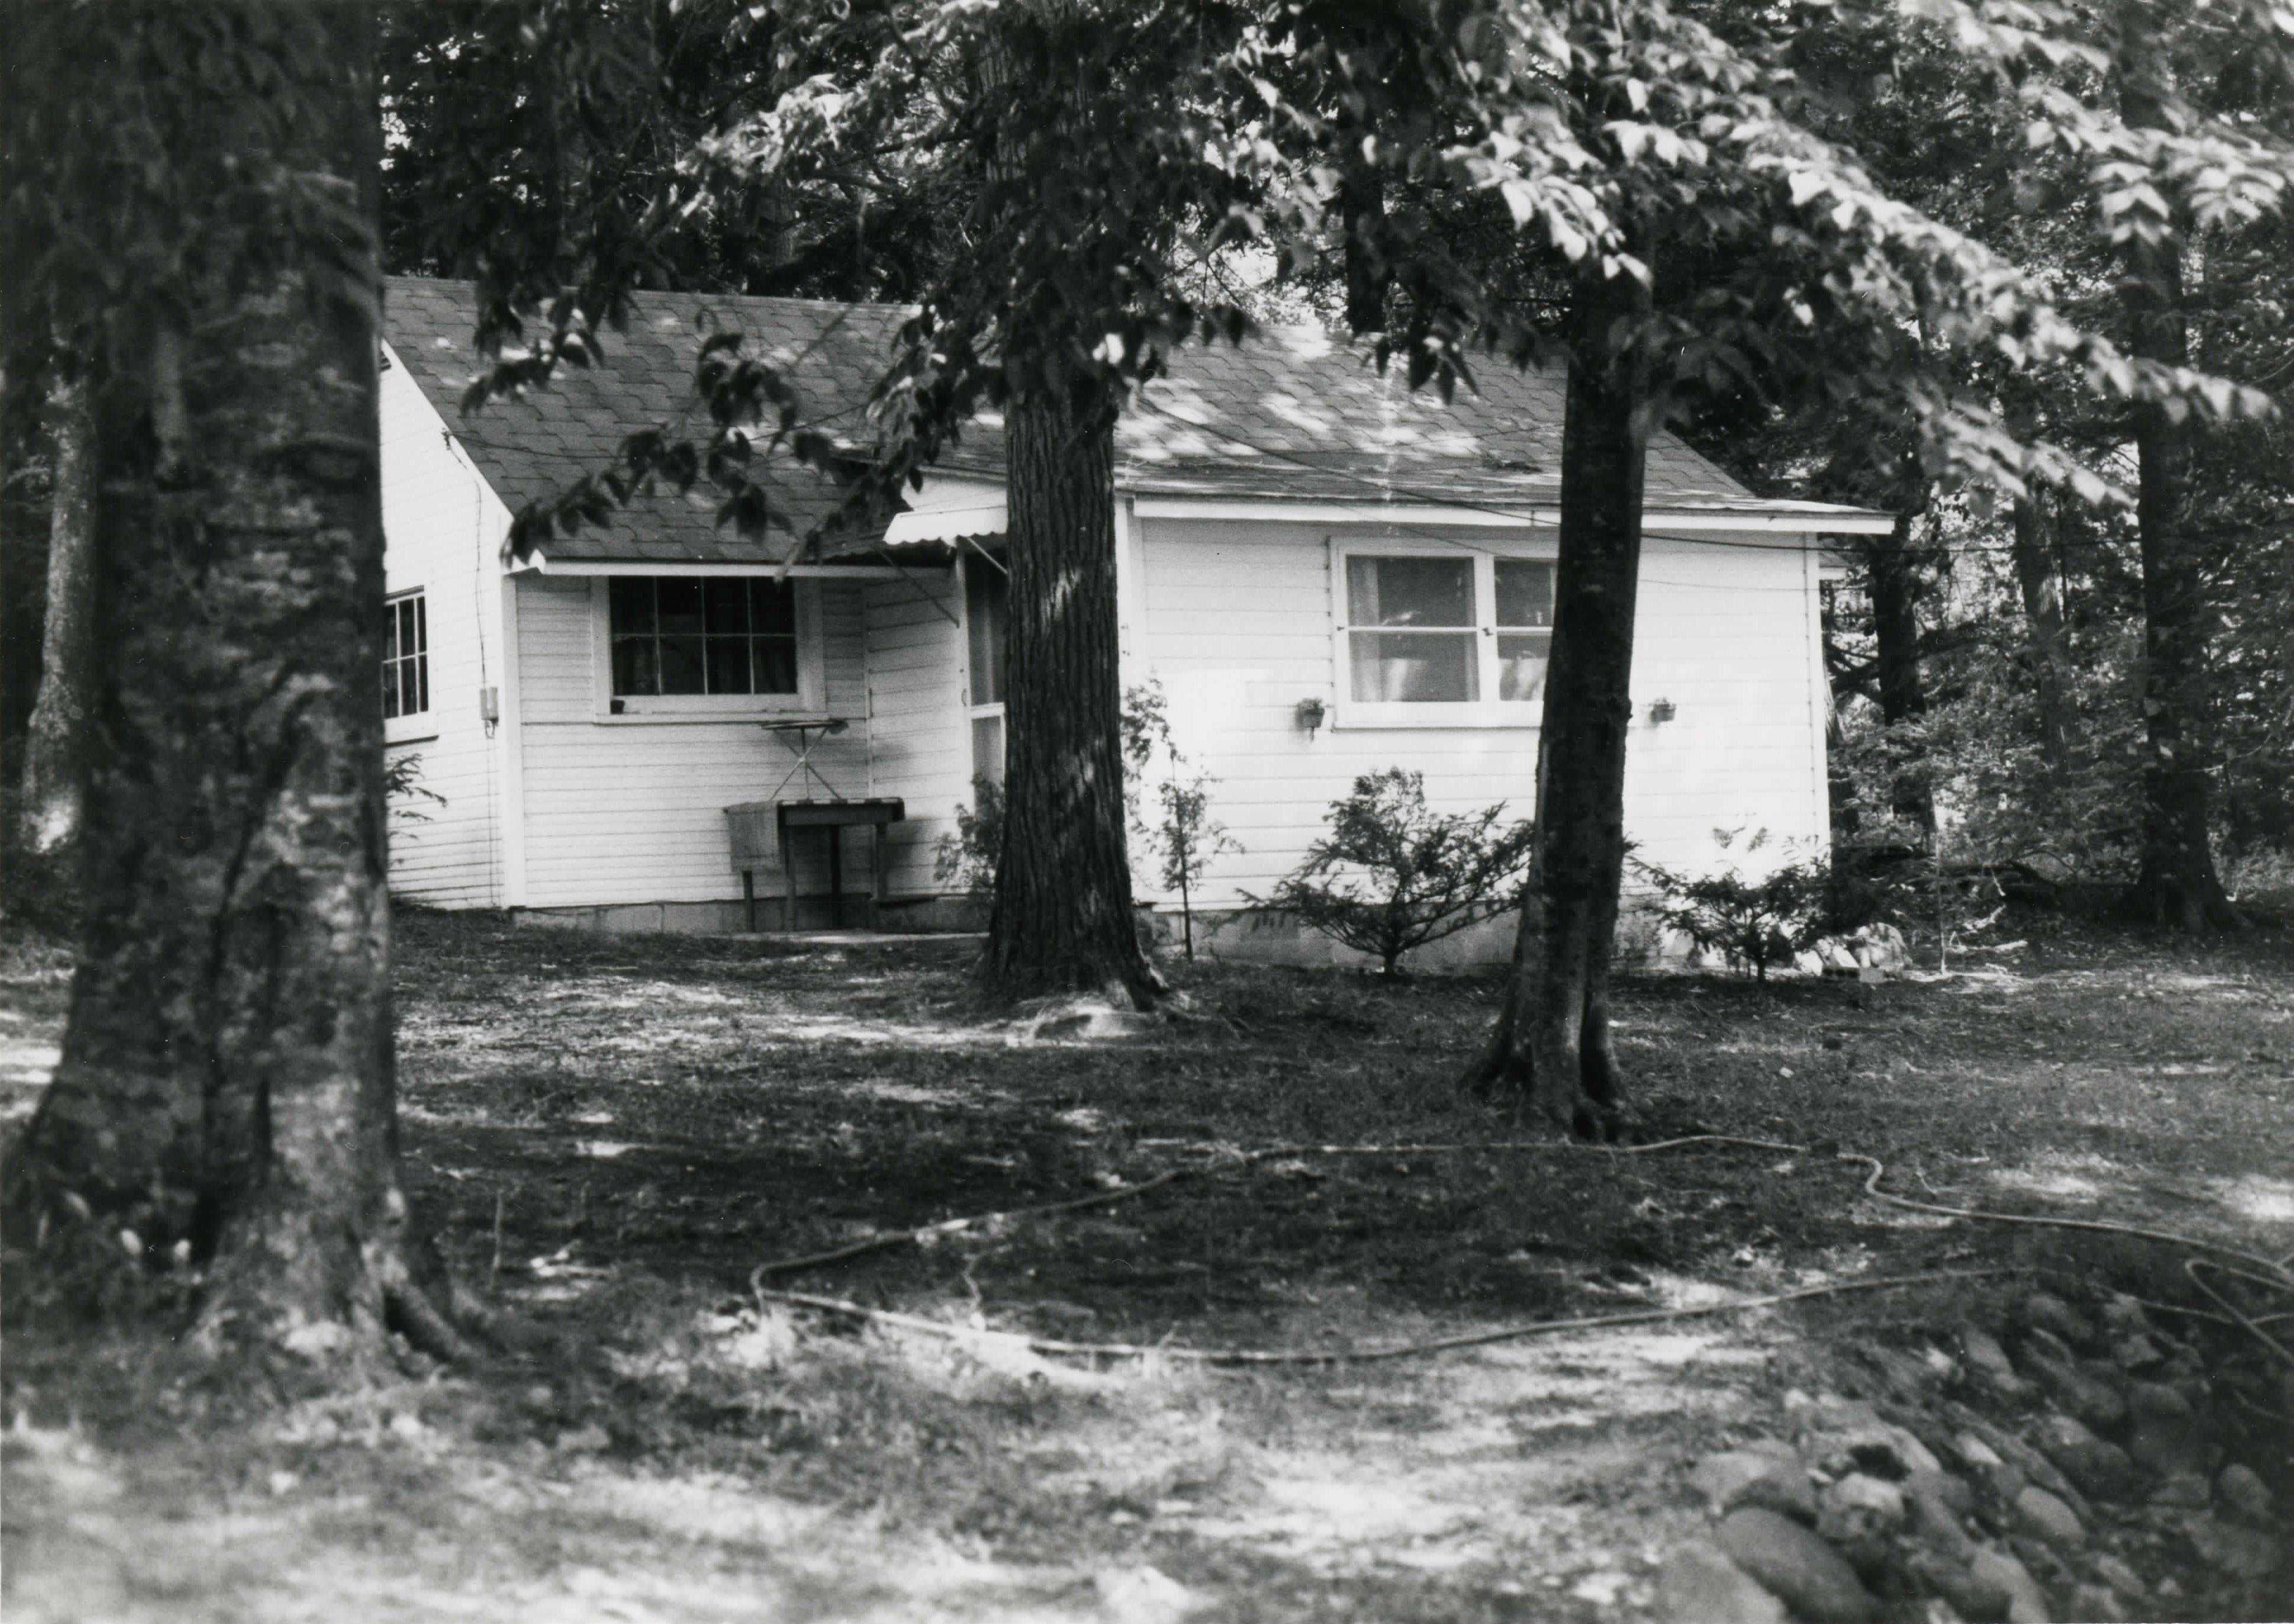 Ernest Hemingway Cottage